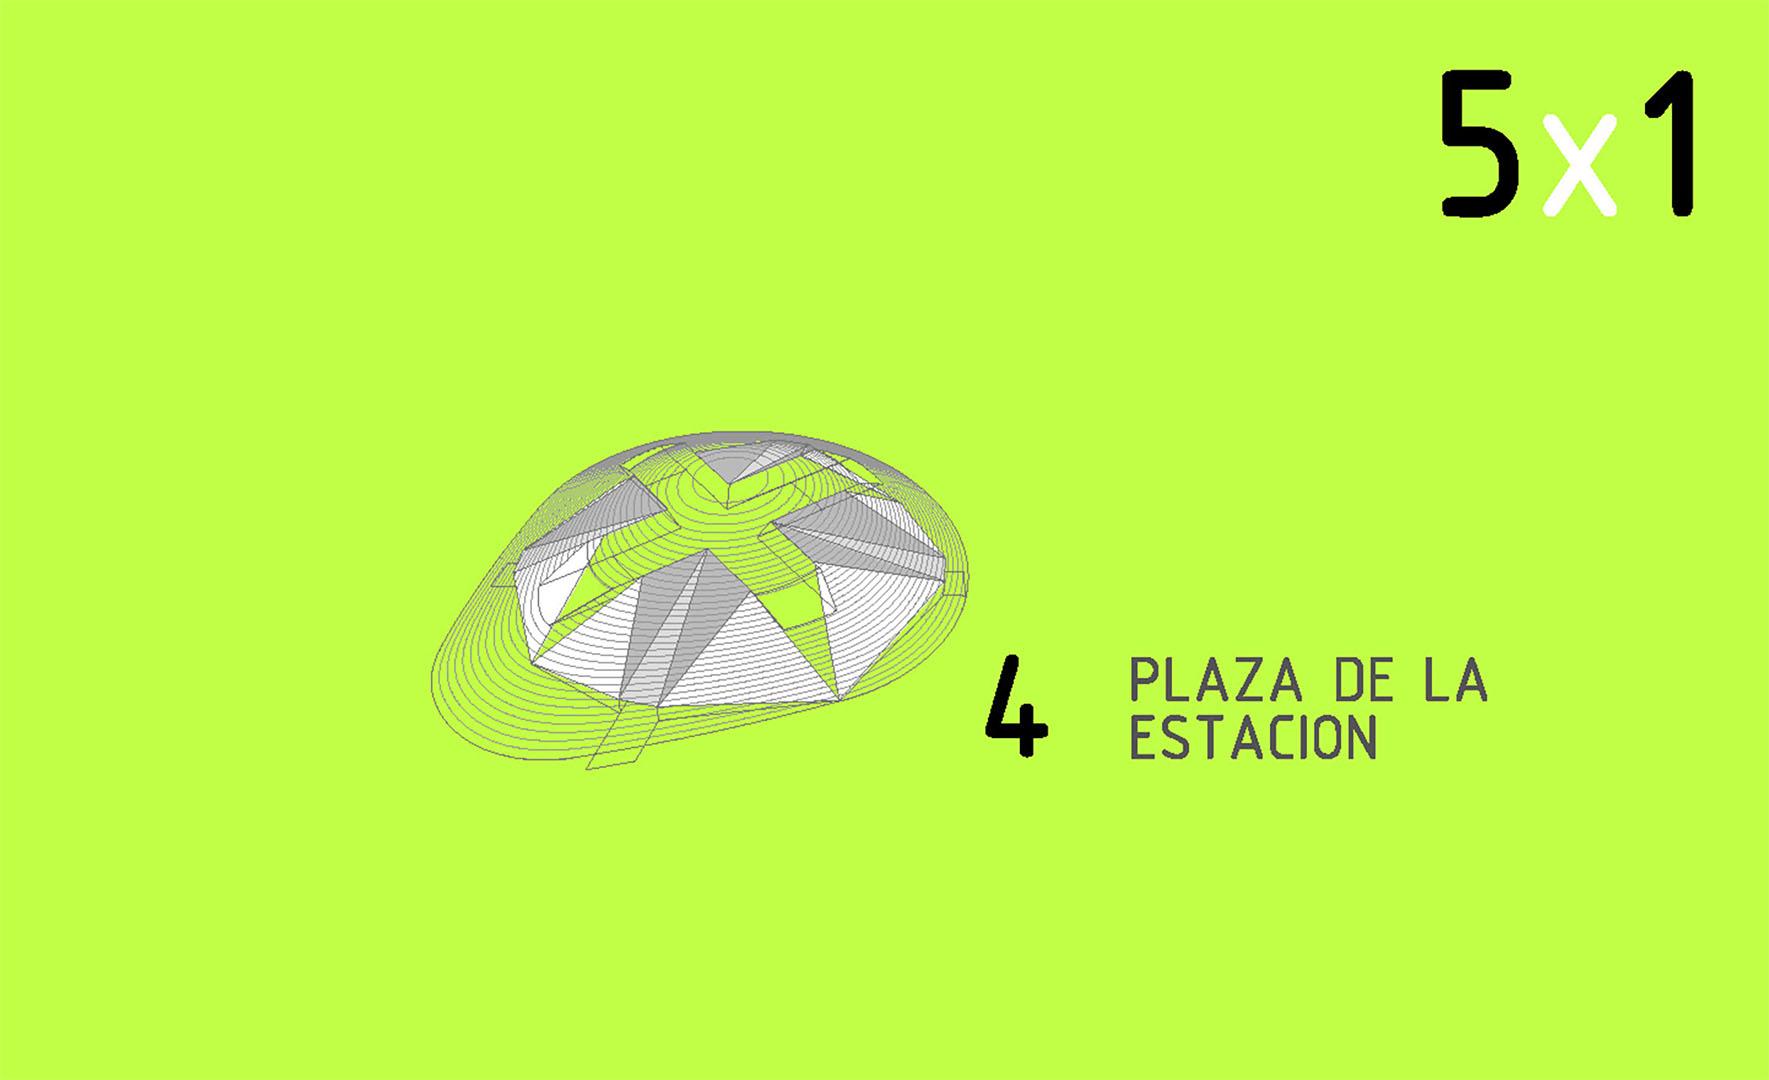 09 PLAYstudio_Mirador-Palmeral-Elche-5en1-4